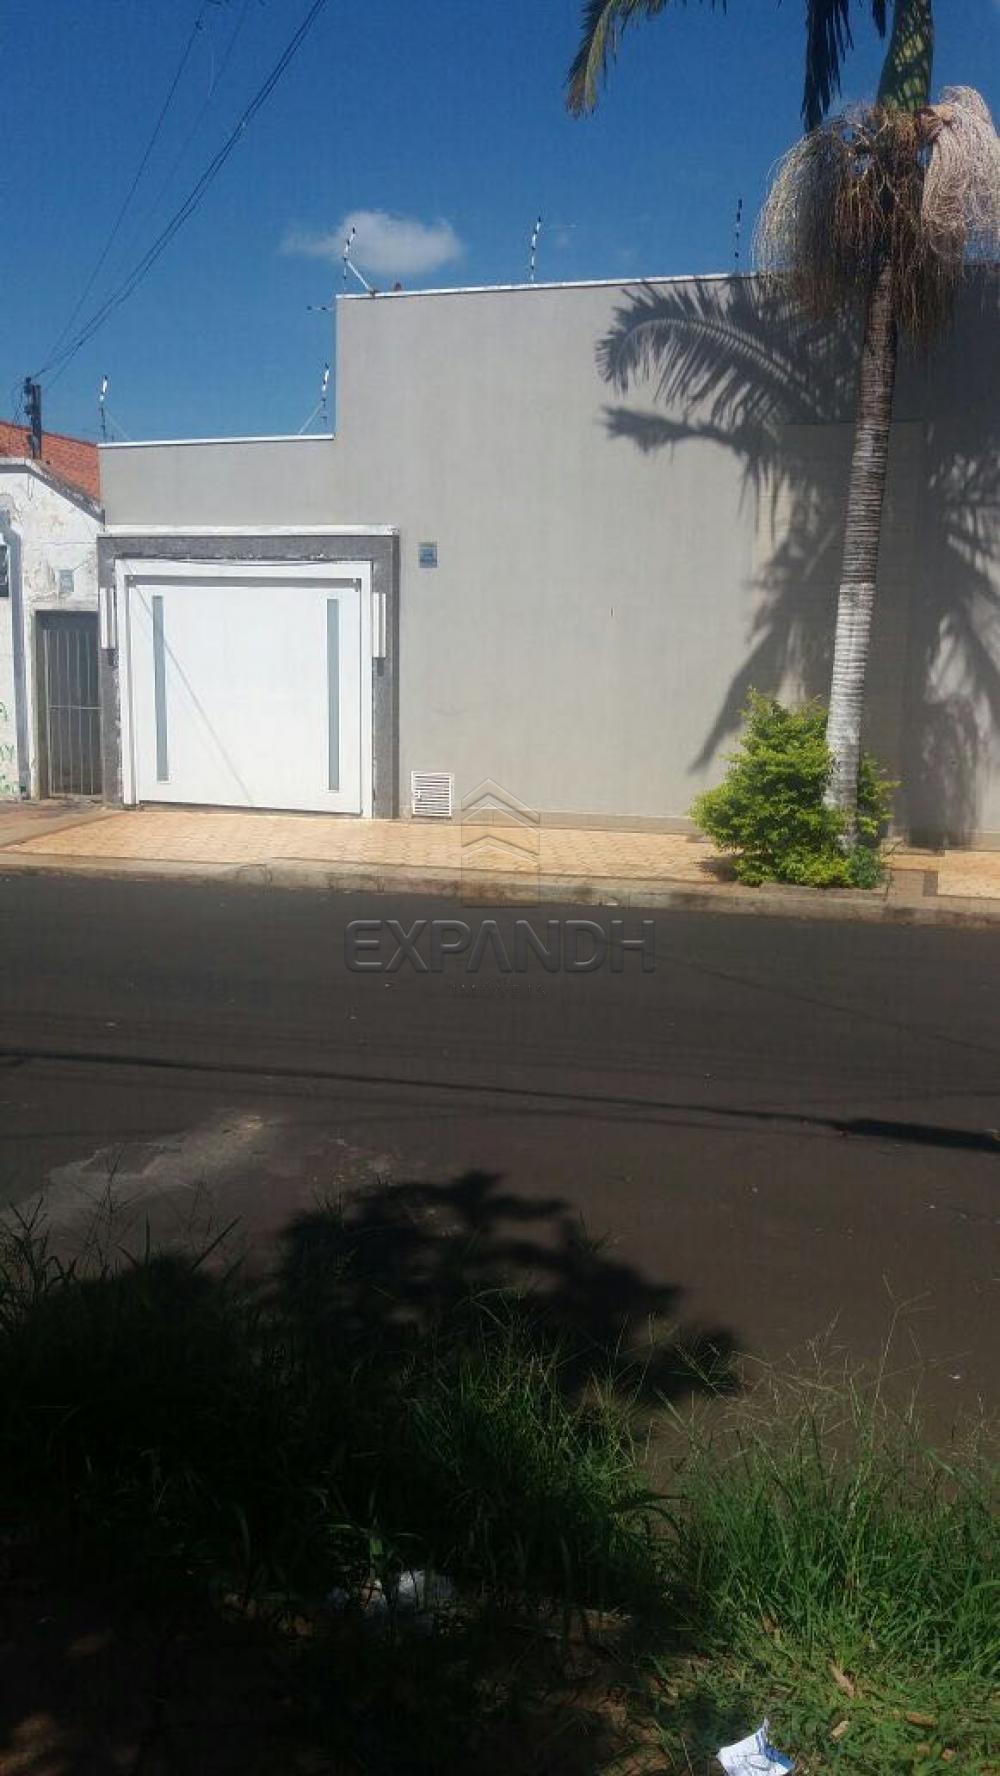 Comprar Casas / Padrão em Sertãozinho R$ 390.000,00 - Foto 1